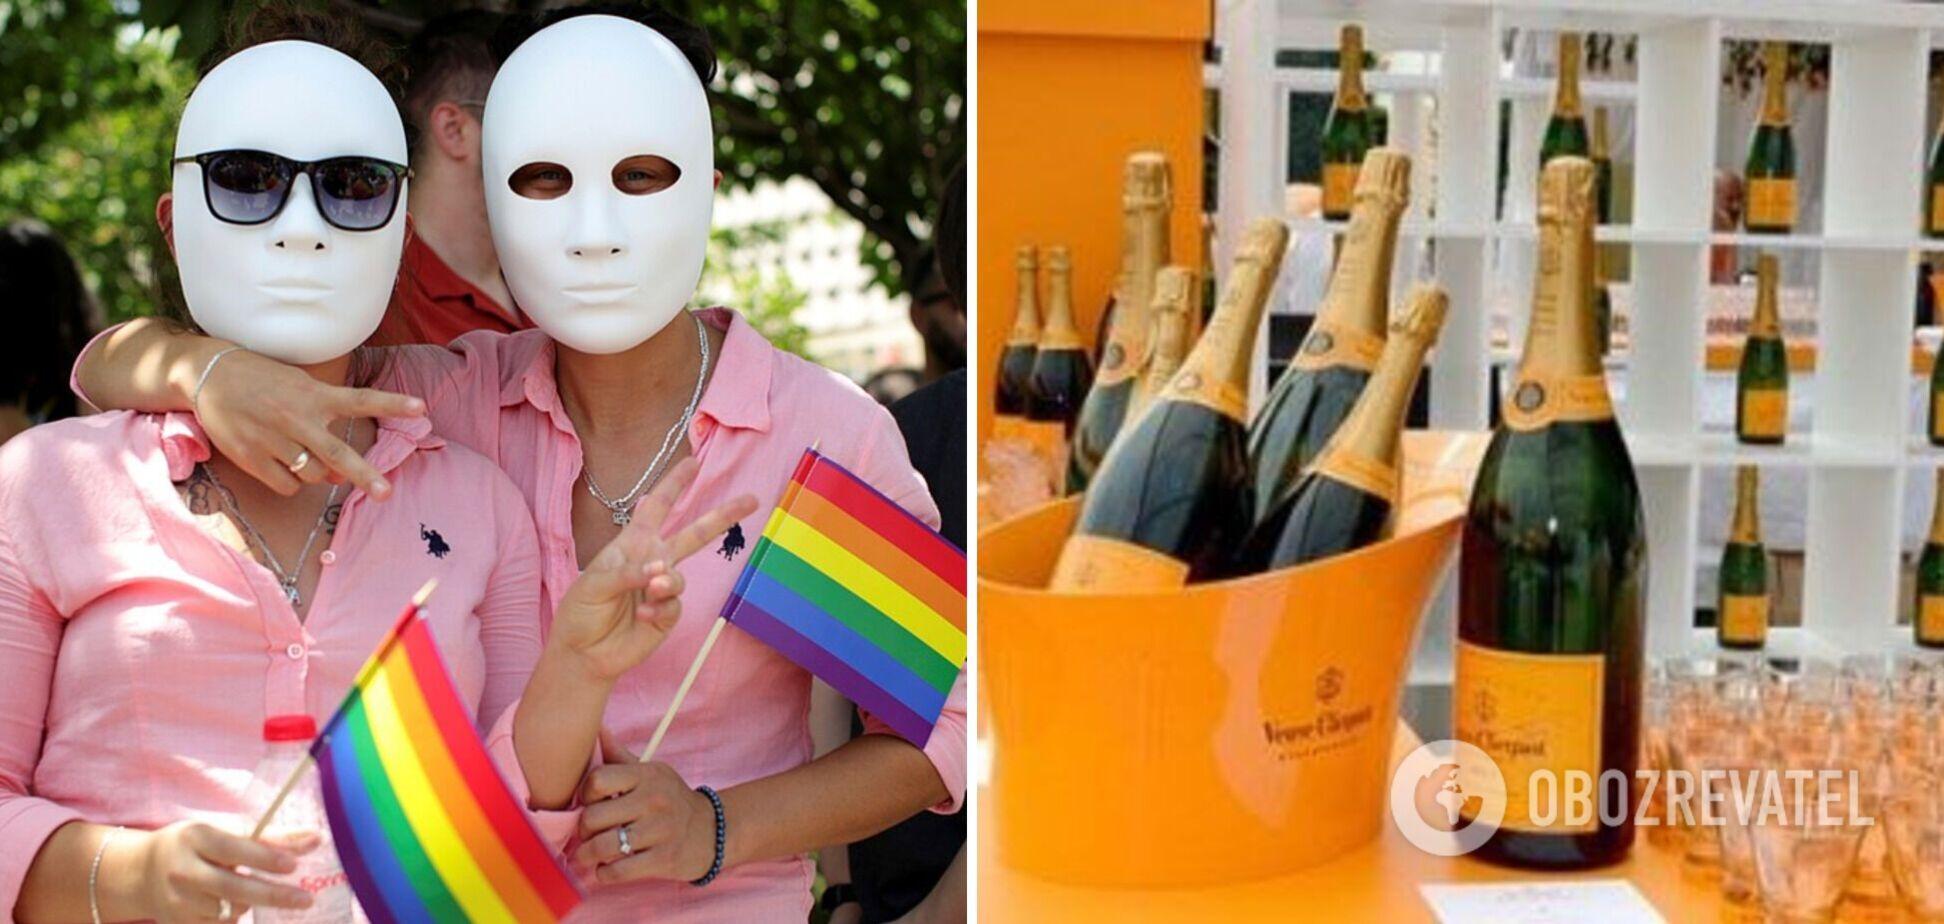 Переименованное шампанское и скандал со 'ВкусВилл': очередное дно в России